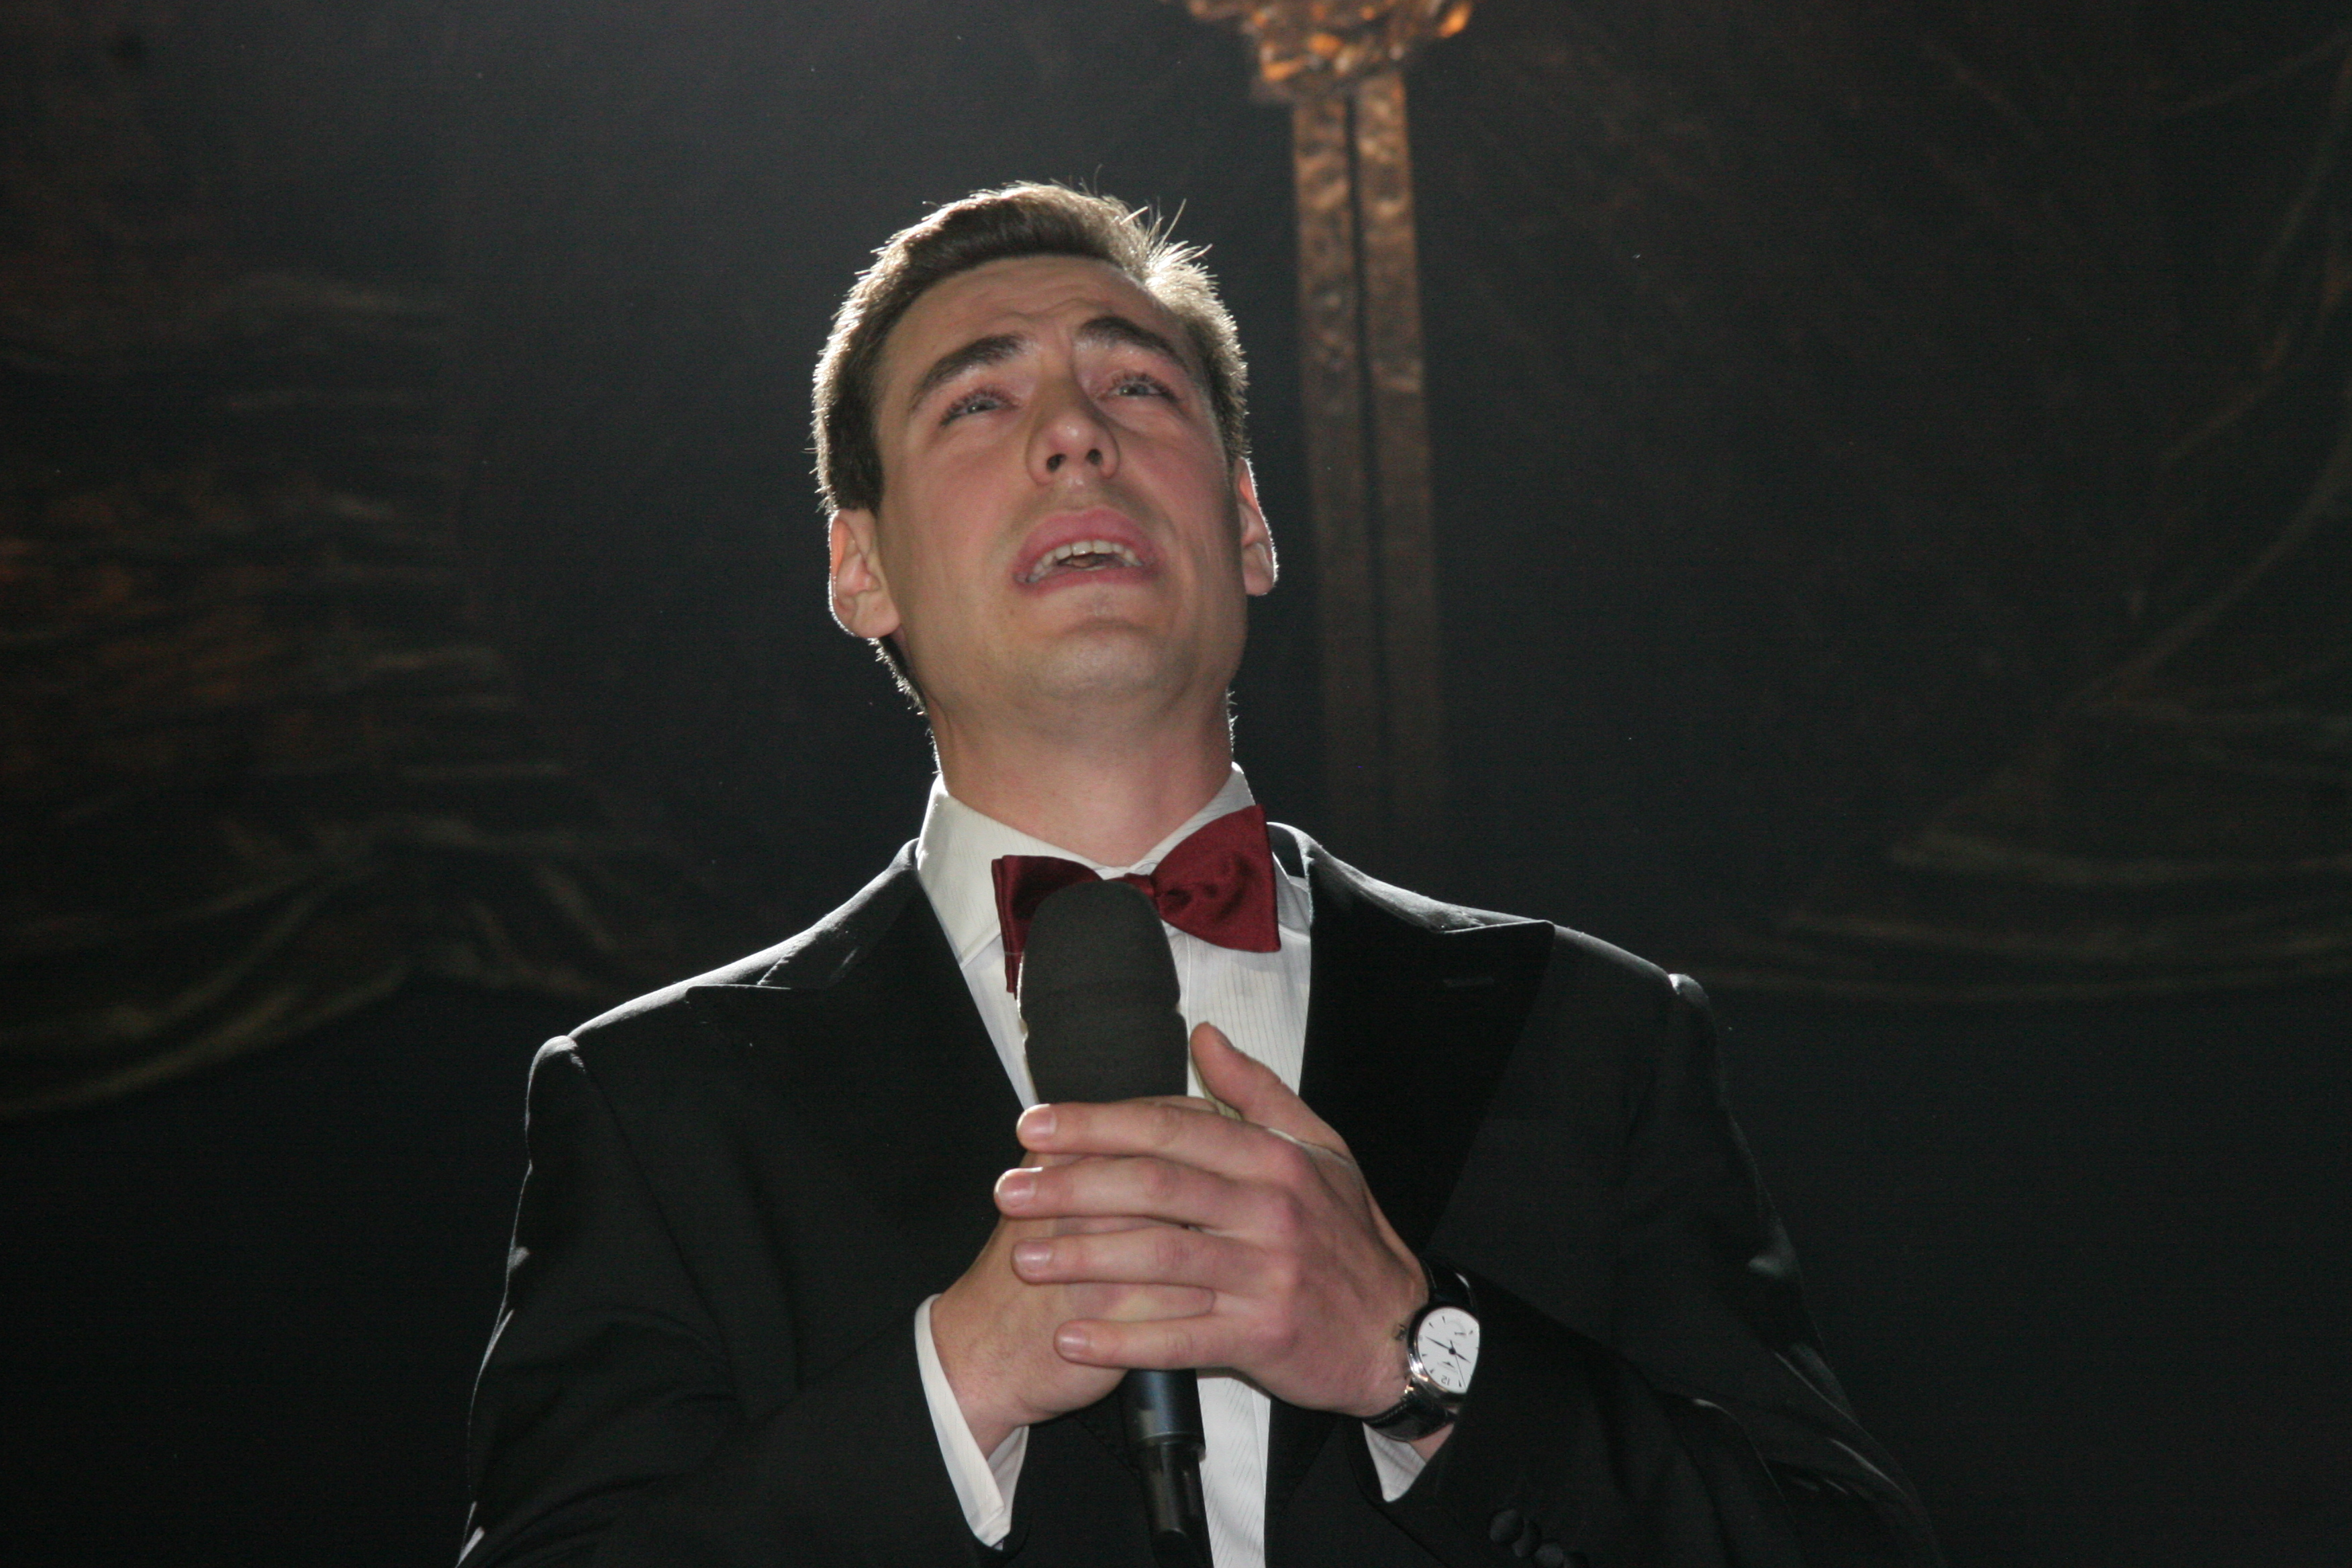 Артист Дмитрий Дюжев сломал ногу